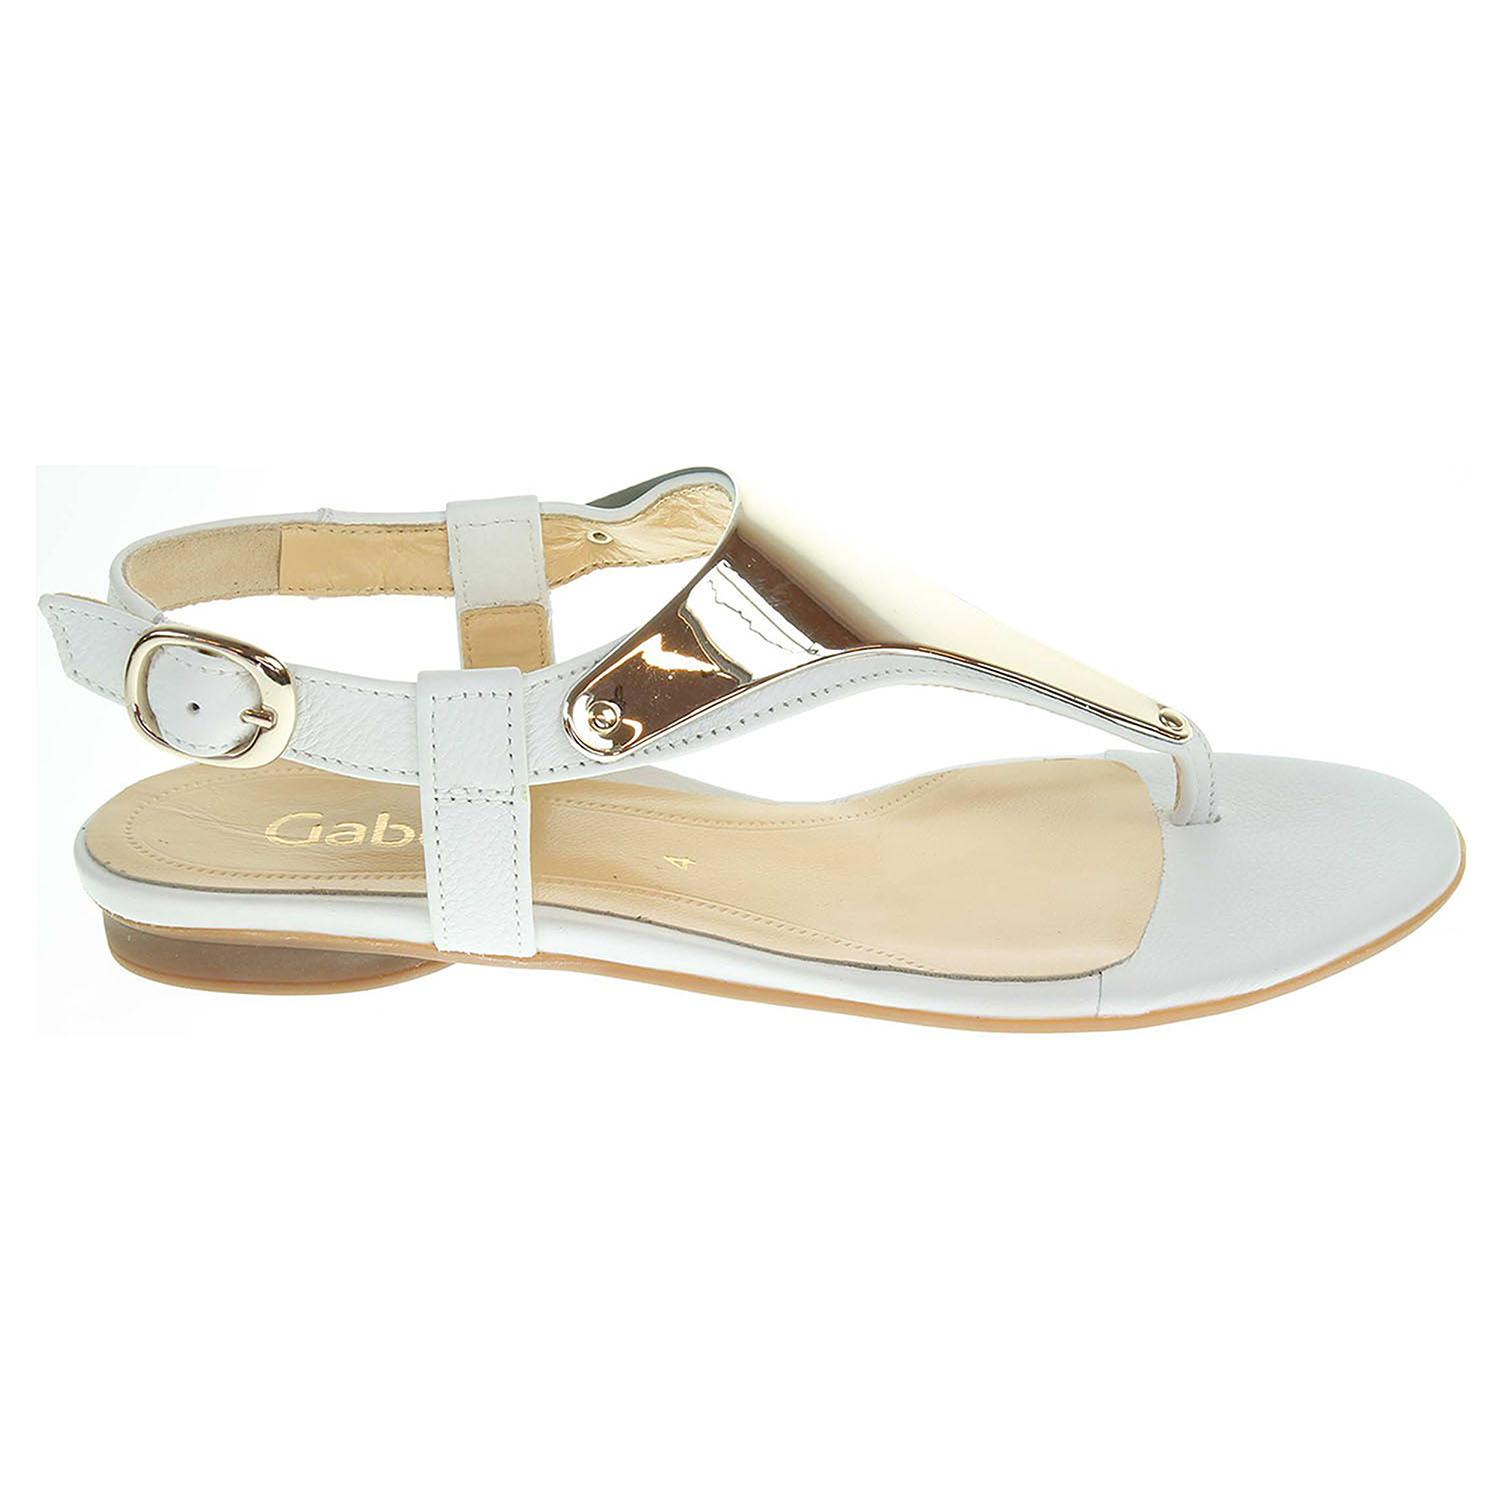 Ecco Gabor dámské sandály 25.532.21 bílé 23800916